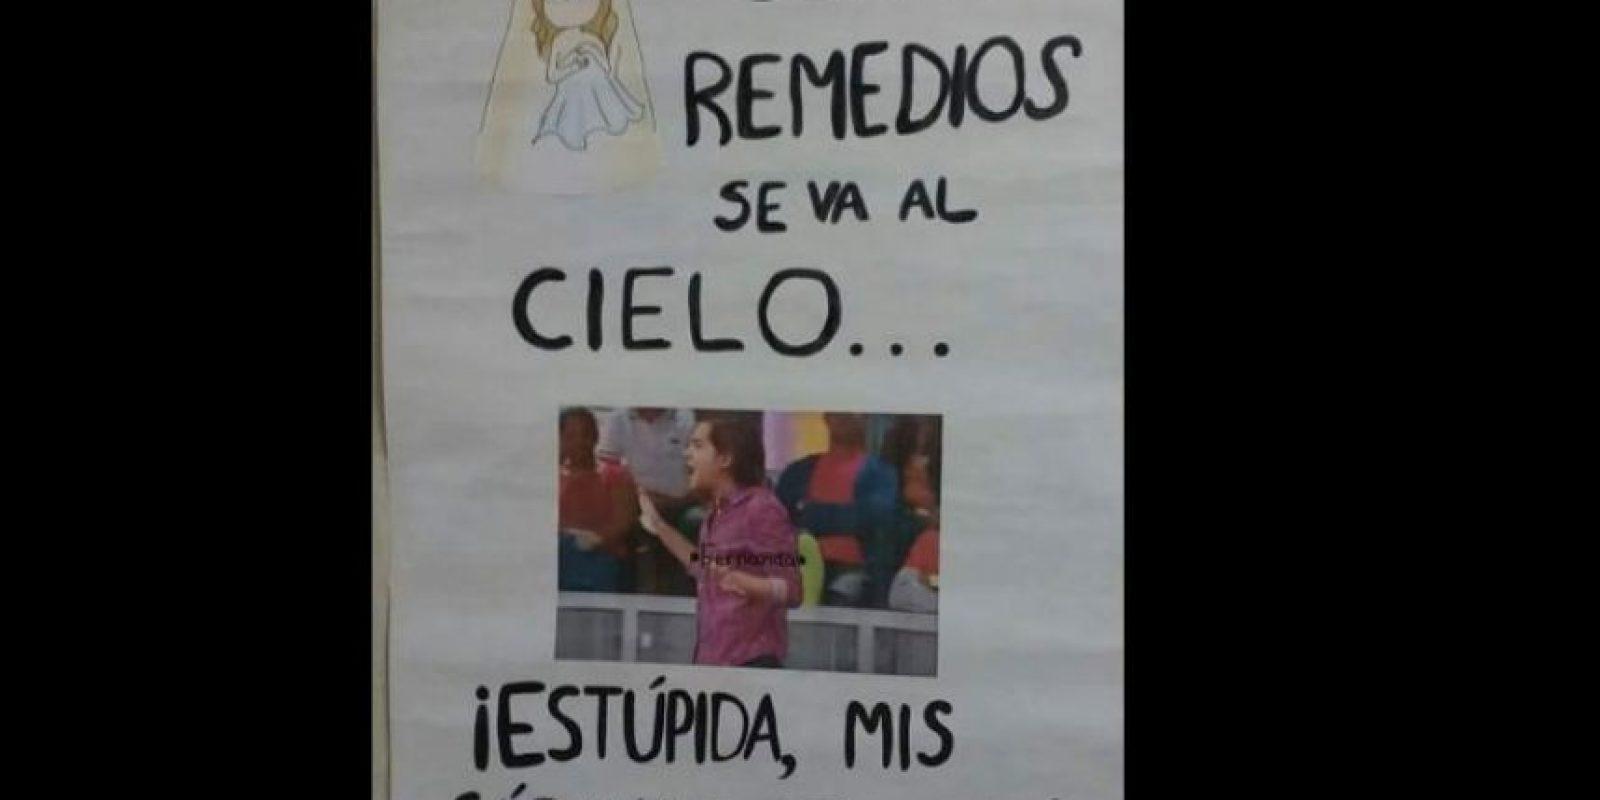 """Esteban de """"Caso Cerrado"""" es Fernanda del Carpio cuando Remedios la bella le quita las sábanas. Foto:vía Facebook/JackieBreuma"""